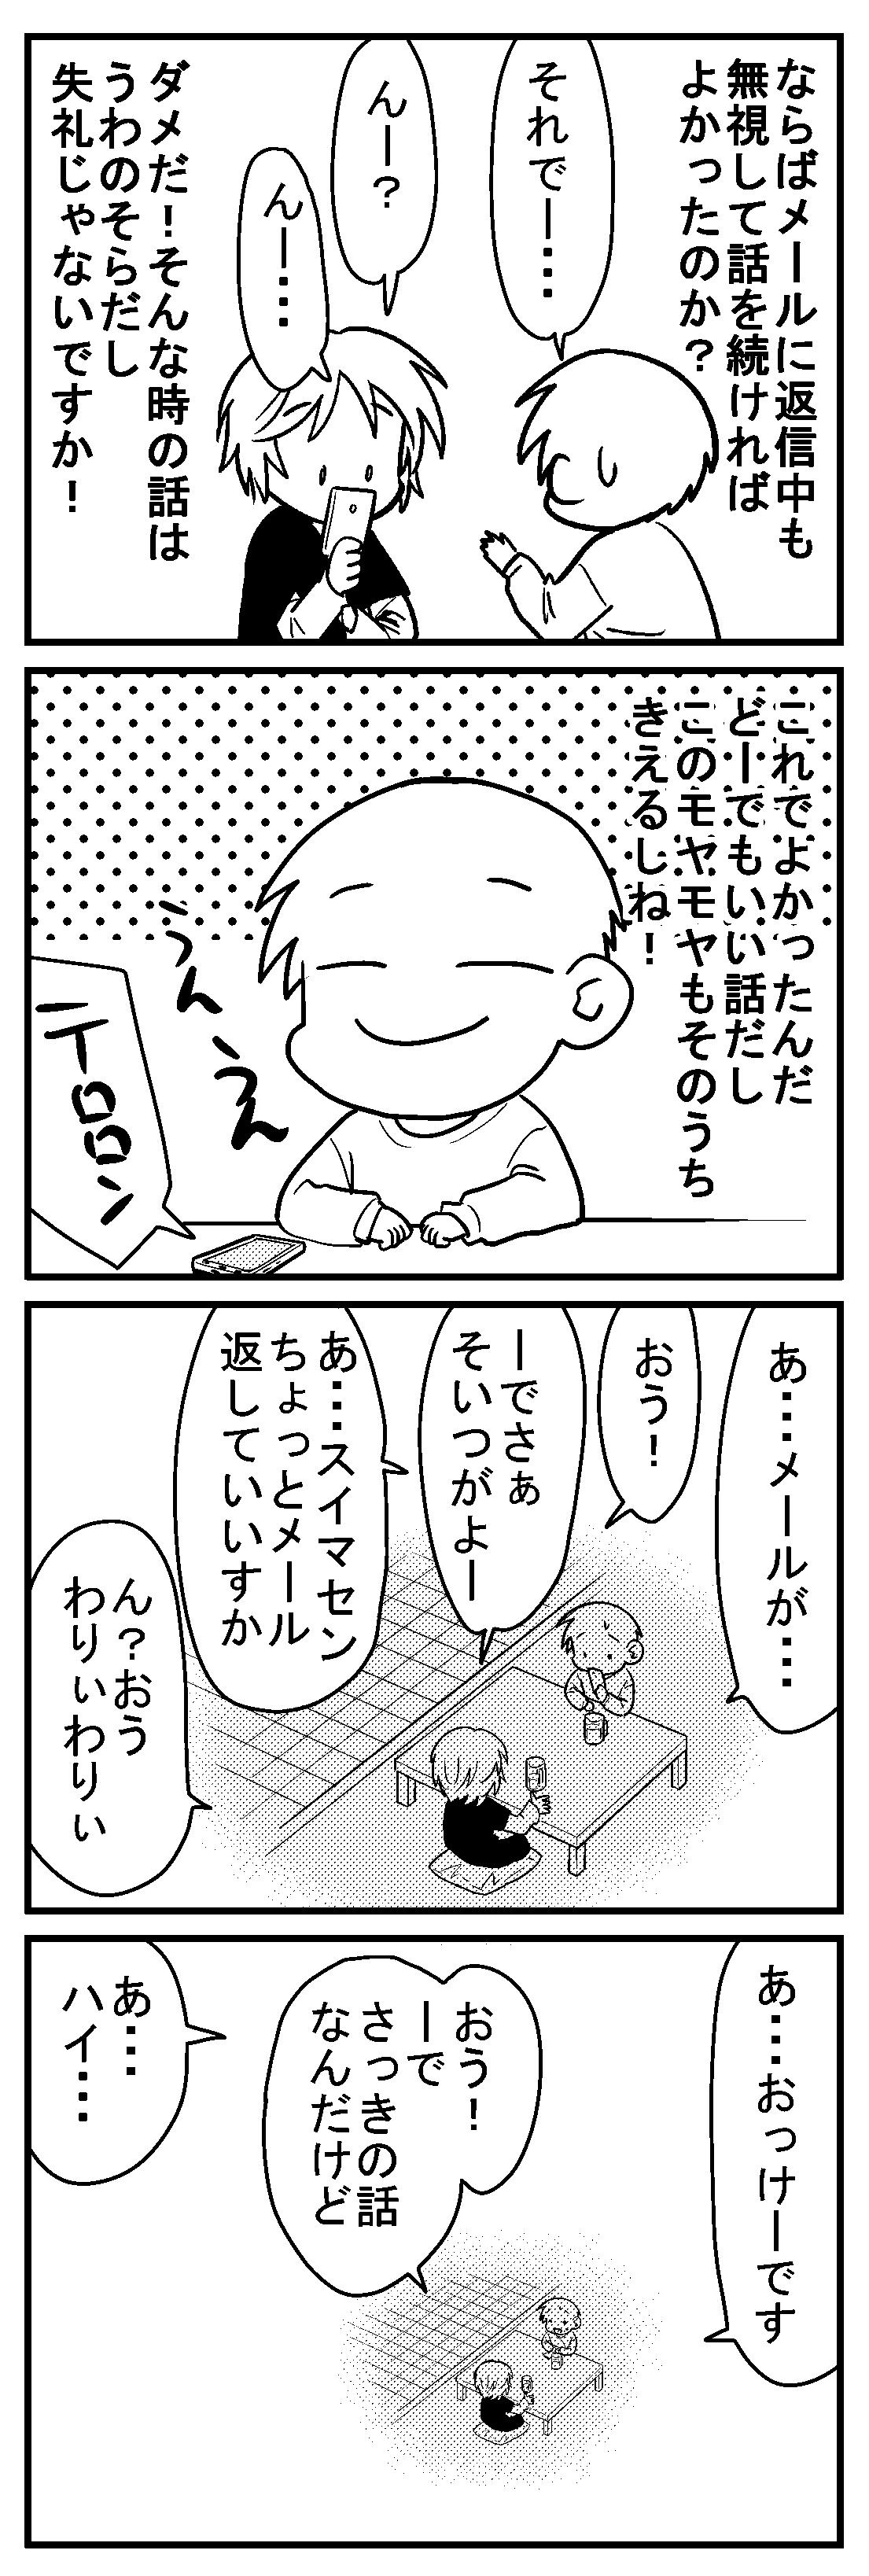 深読みくん37-4